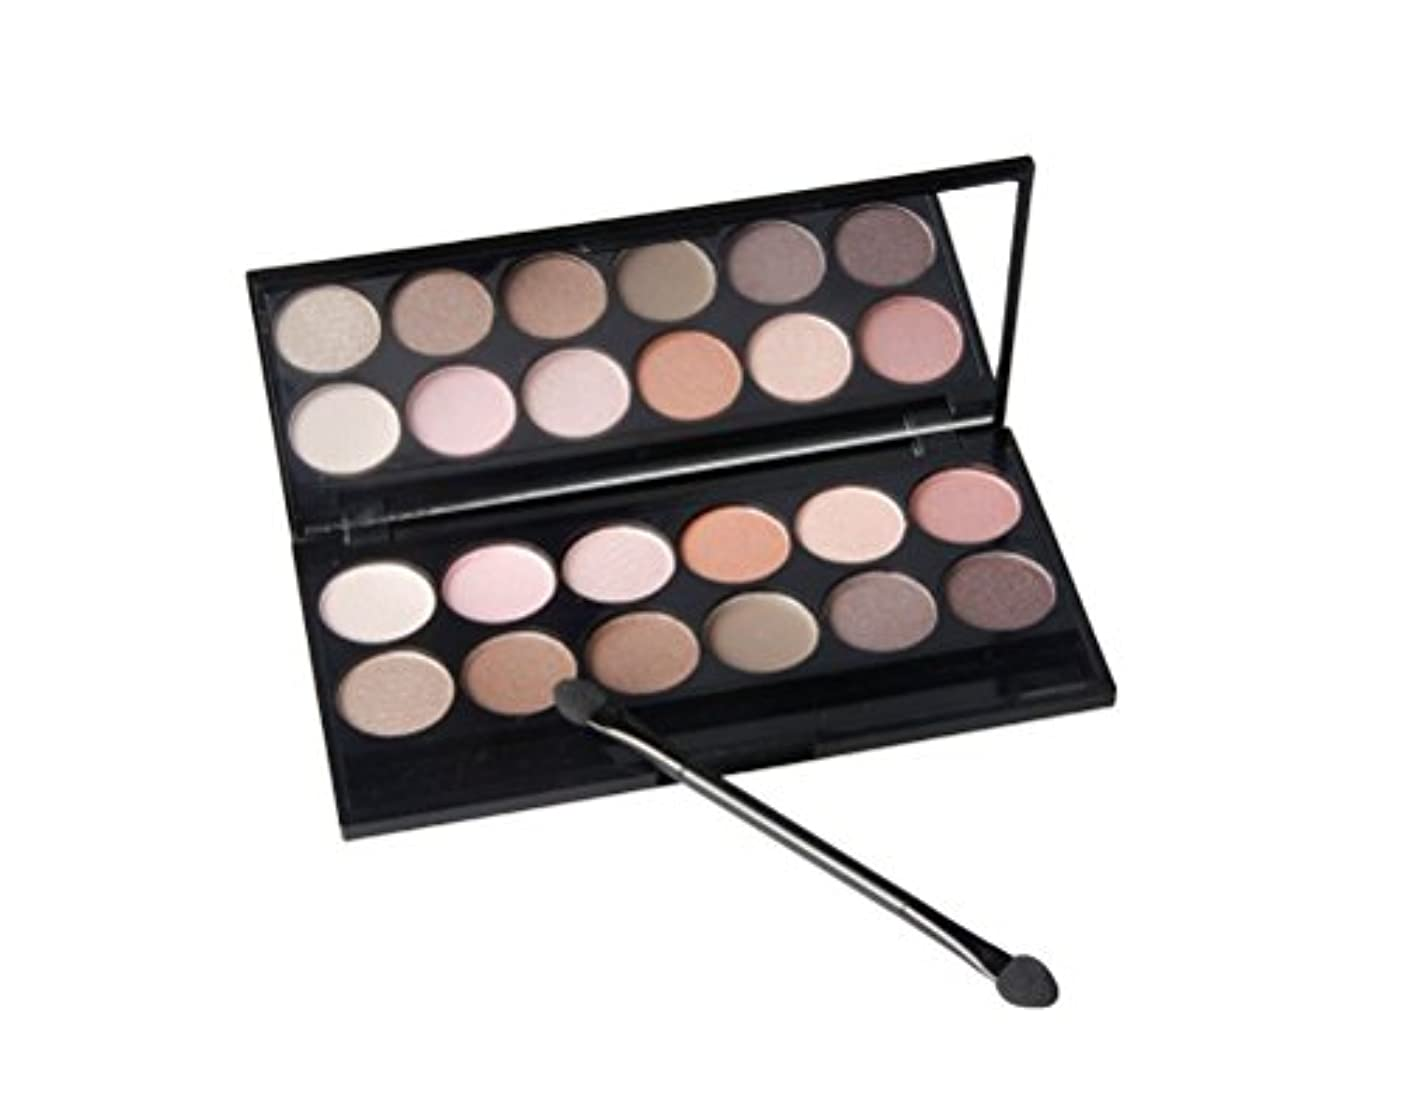 耐える関係ない同時MakeupAcc アイシャドウパレット 12色 マット ピンク ヌード色 ブラウン スモーキー色 アイシャドー棒と化粧鏡付き [並行輸入品]